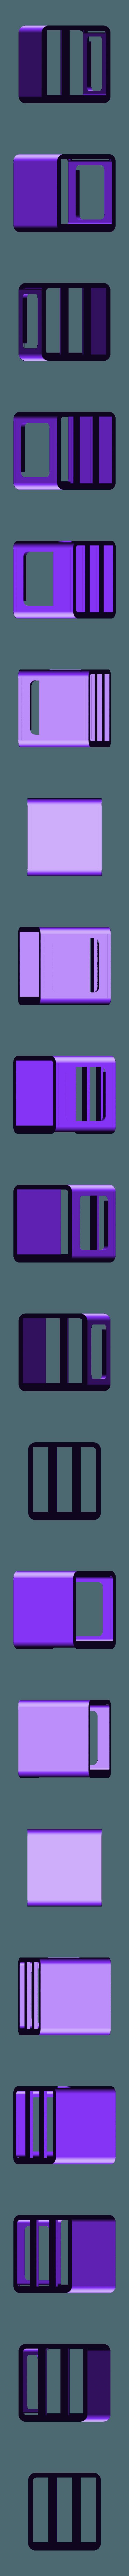 Runcam_5_Case.stl Télécharger fichier STL gratuit Runcam 5 Case / Mark II 25° montage 25 • Objet imprimable en 3D, Gophy